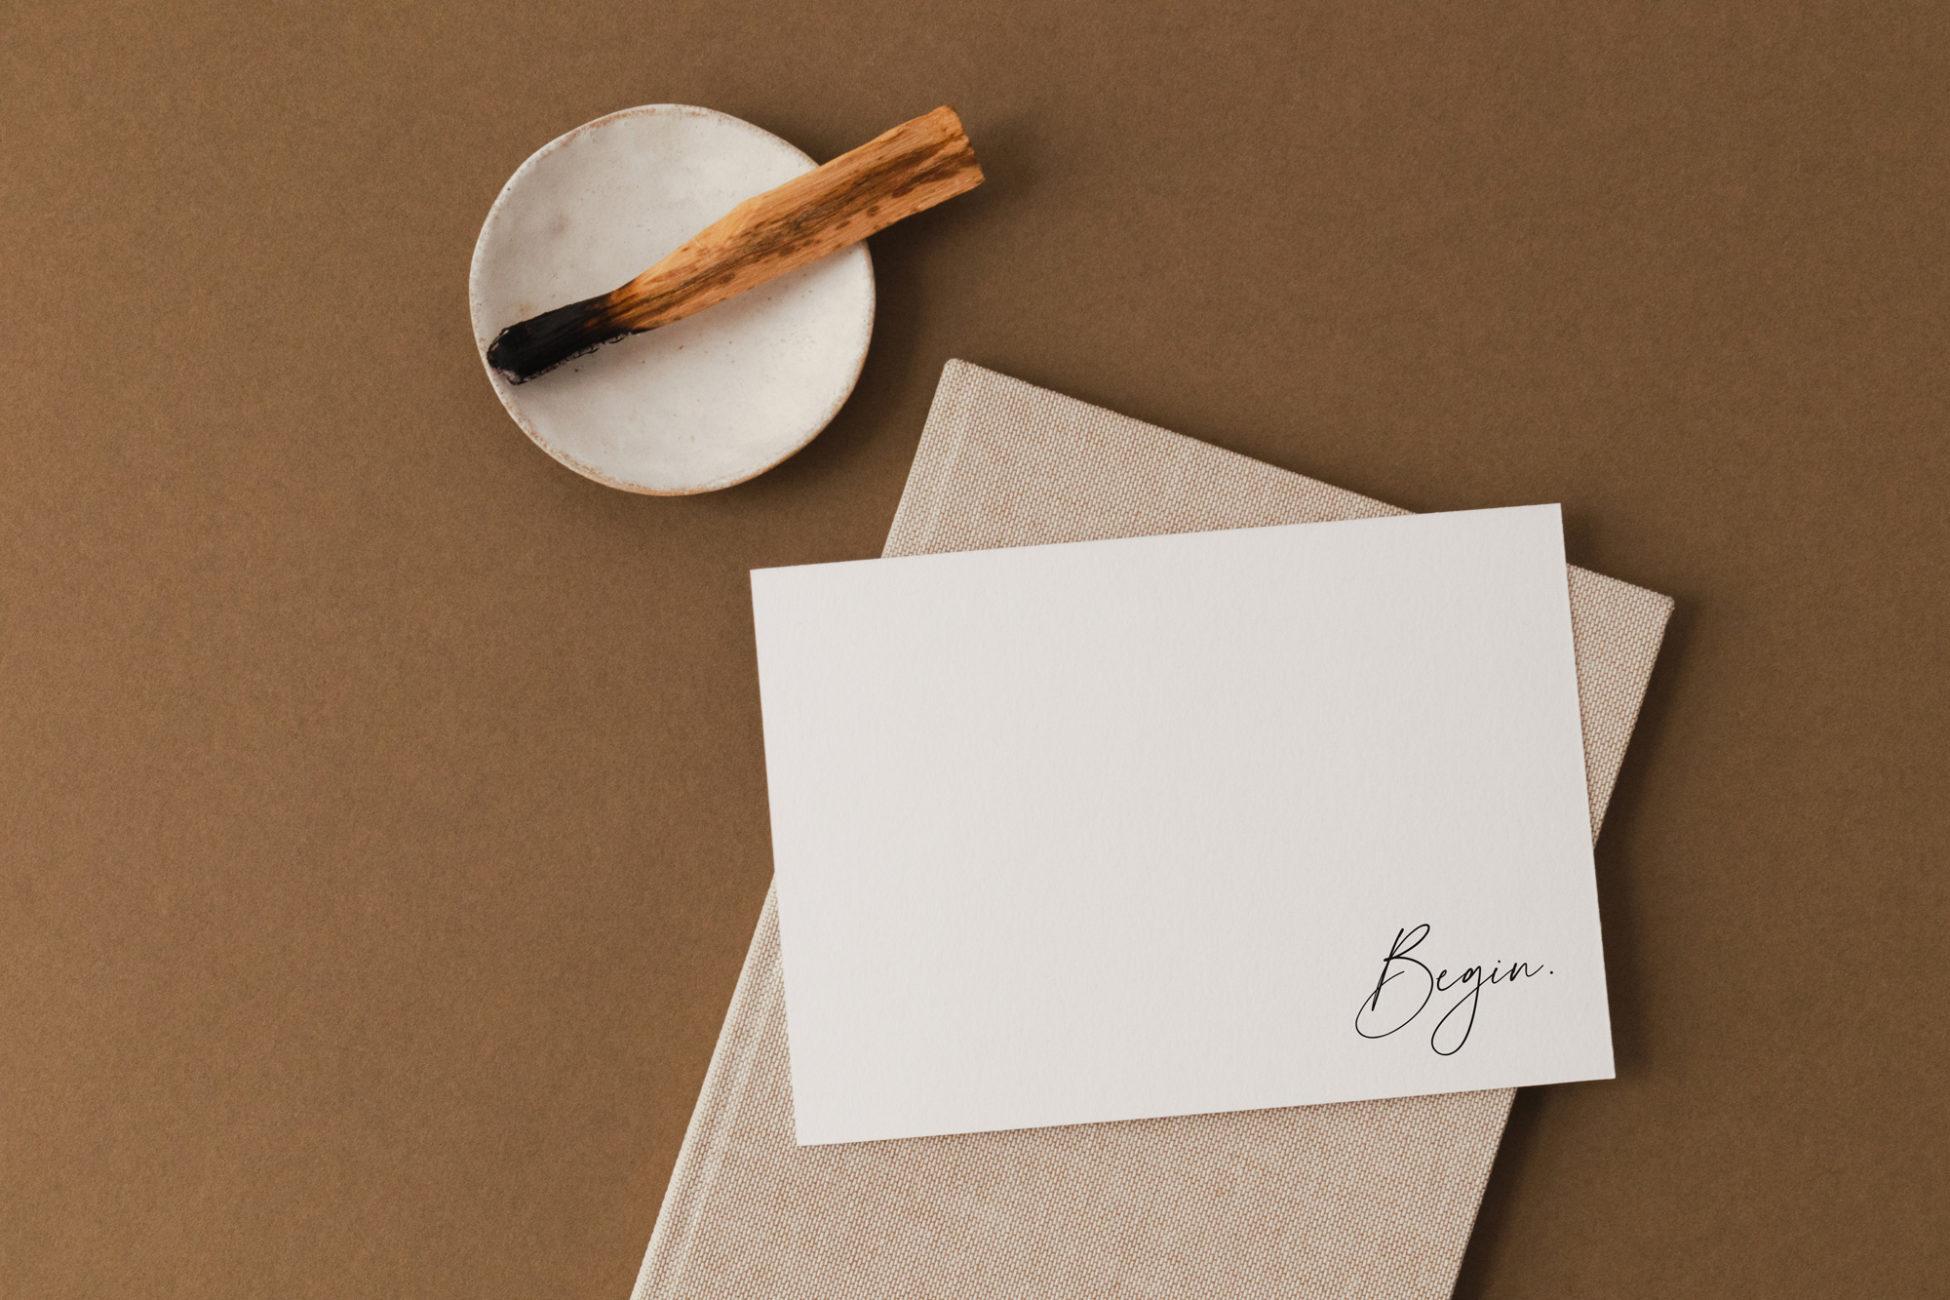 """Illustration de l'article : une feuille blanche sur un carnet fermé sur laquelle est écrit """"Begin"""""""